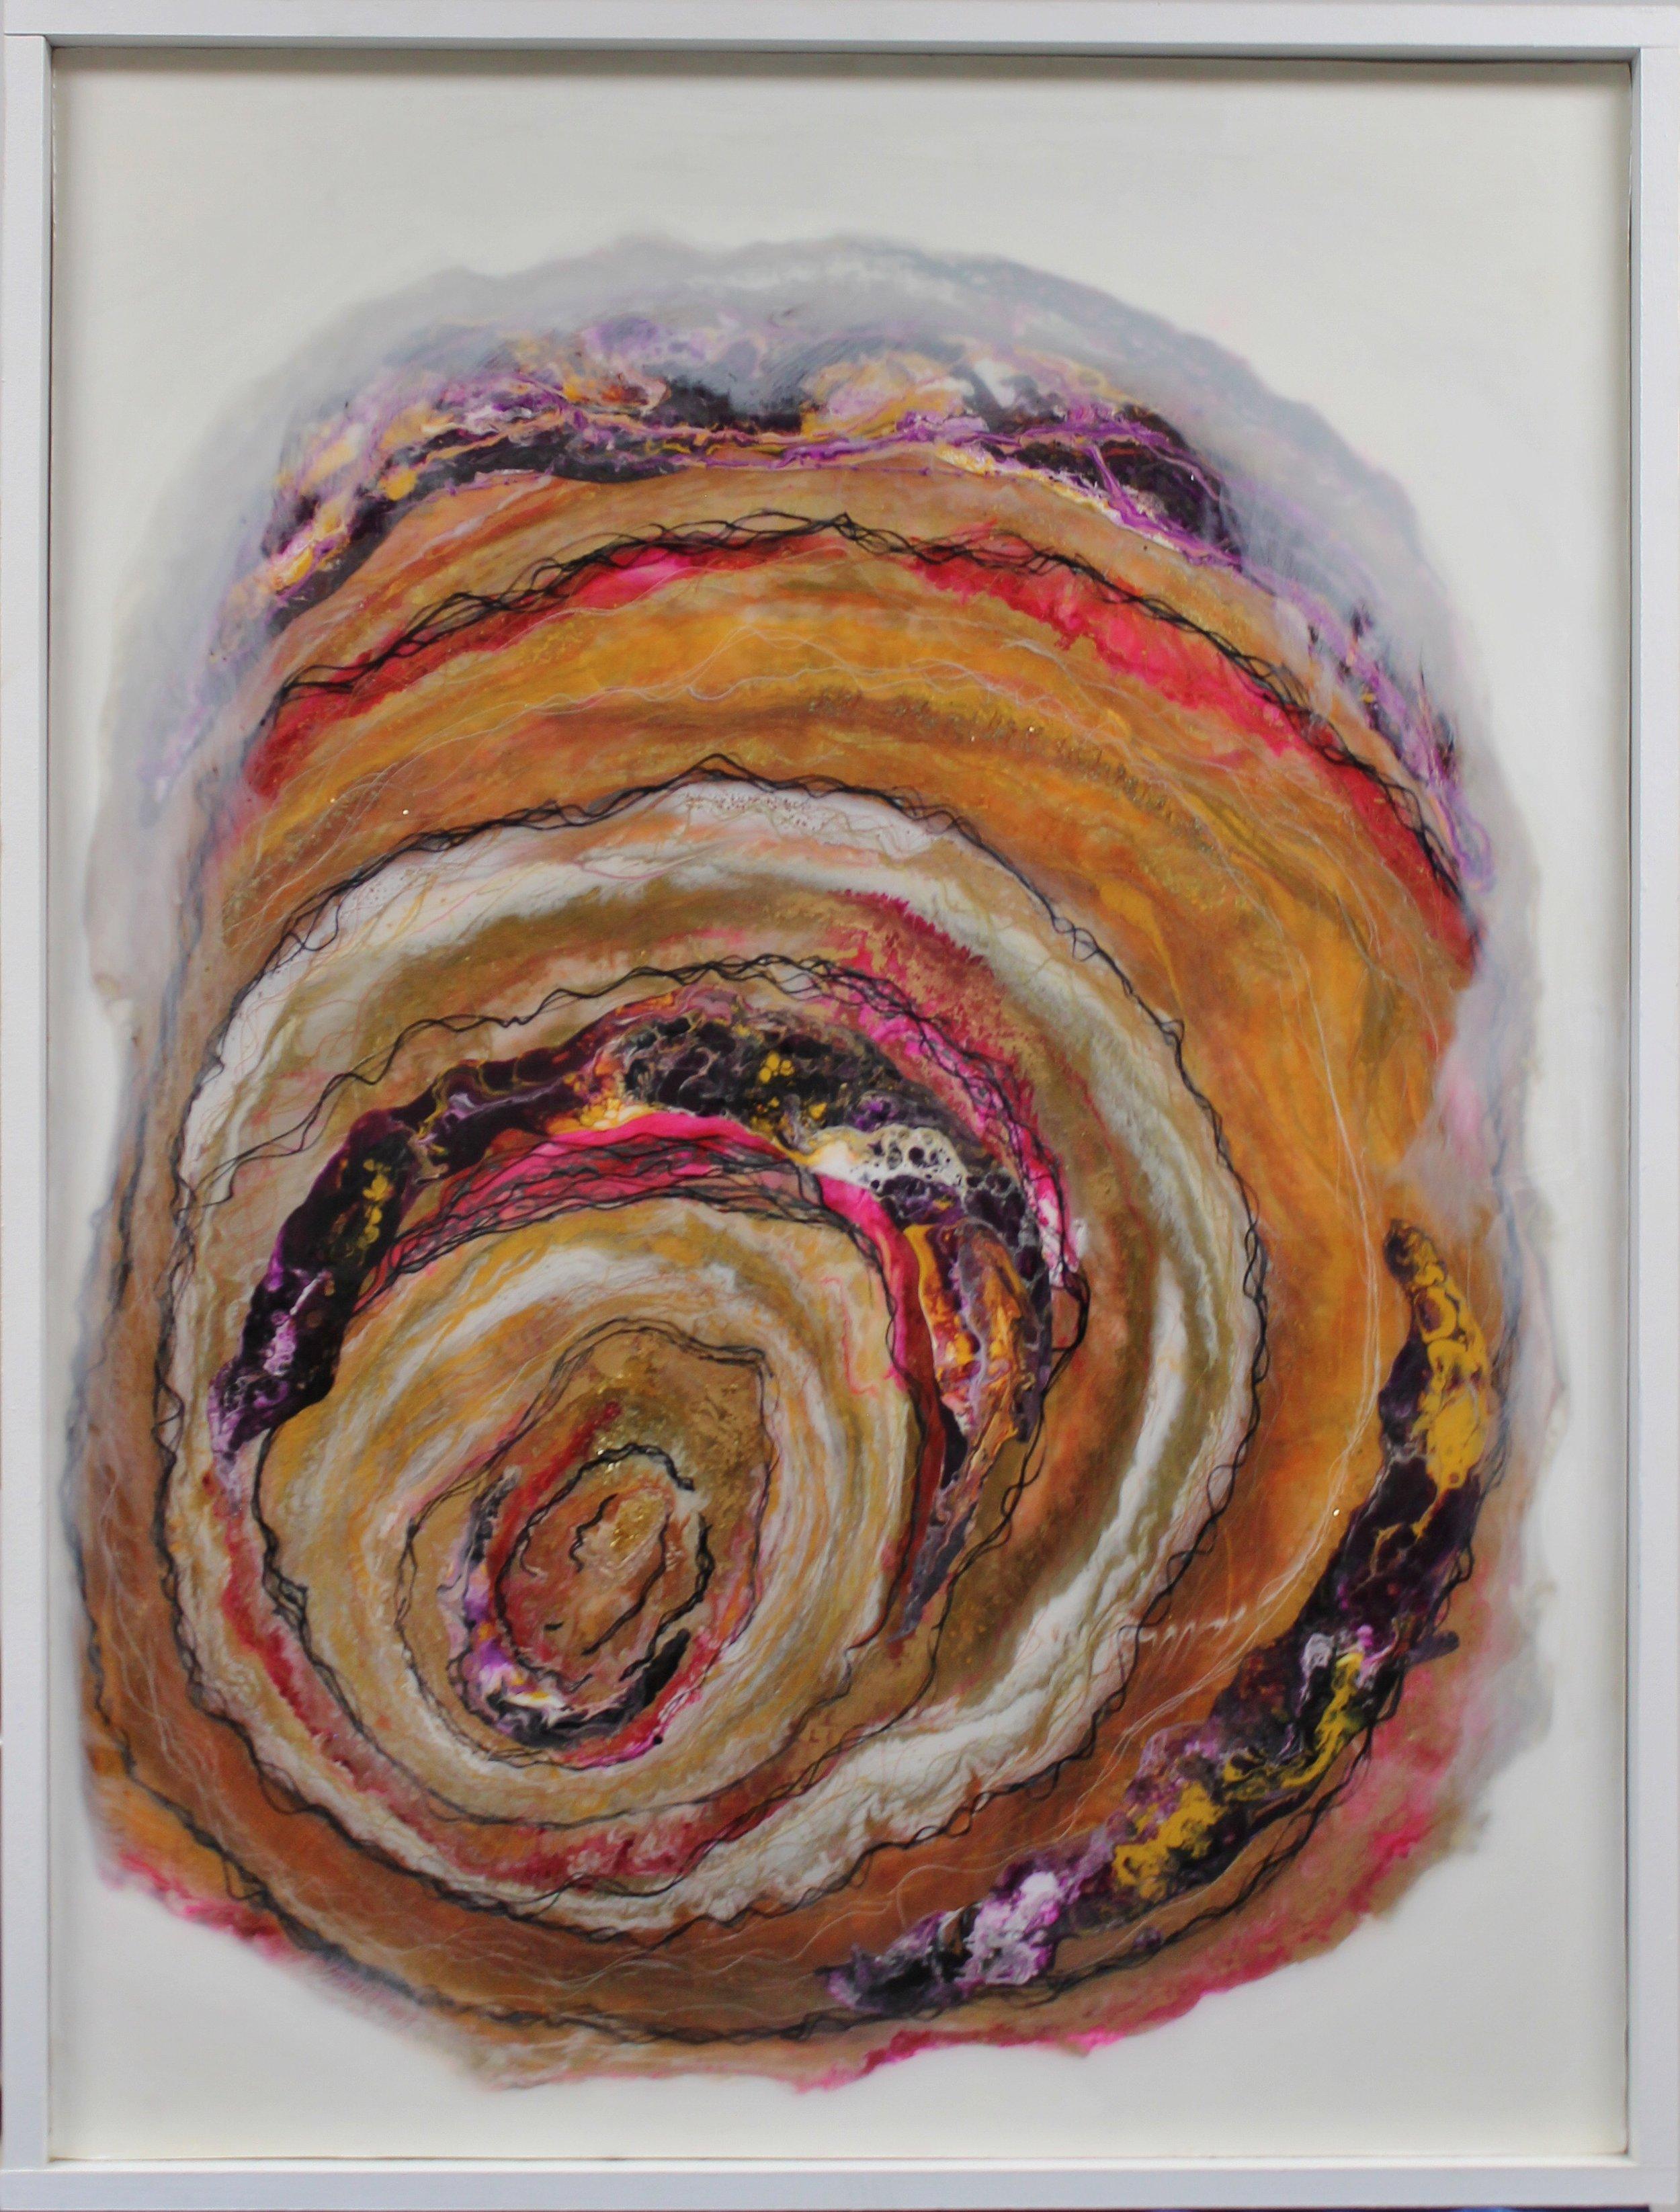 Rhythm  30x40, resin and textile on wood, framed